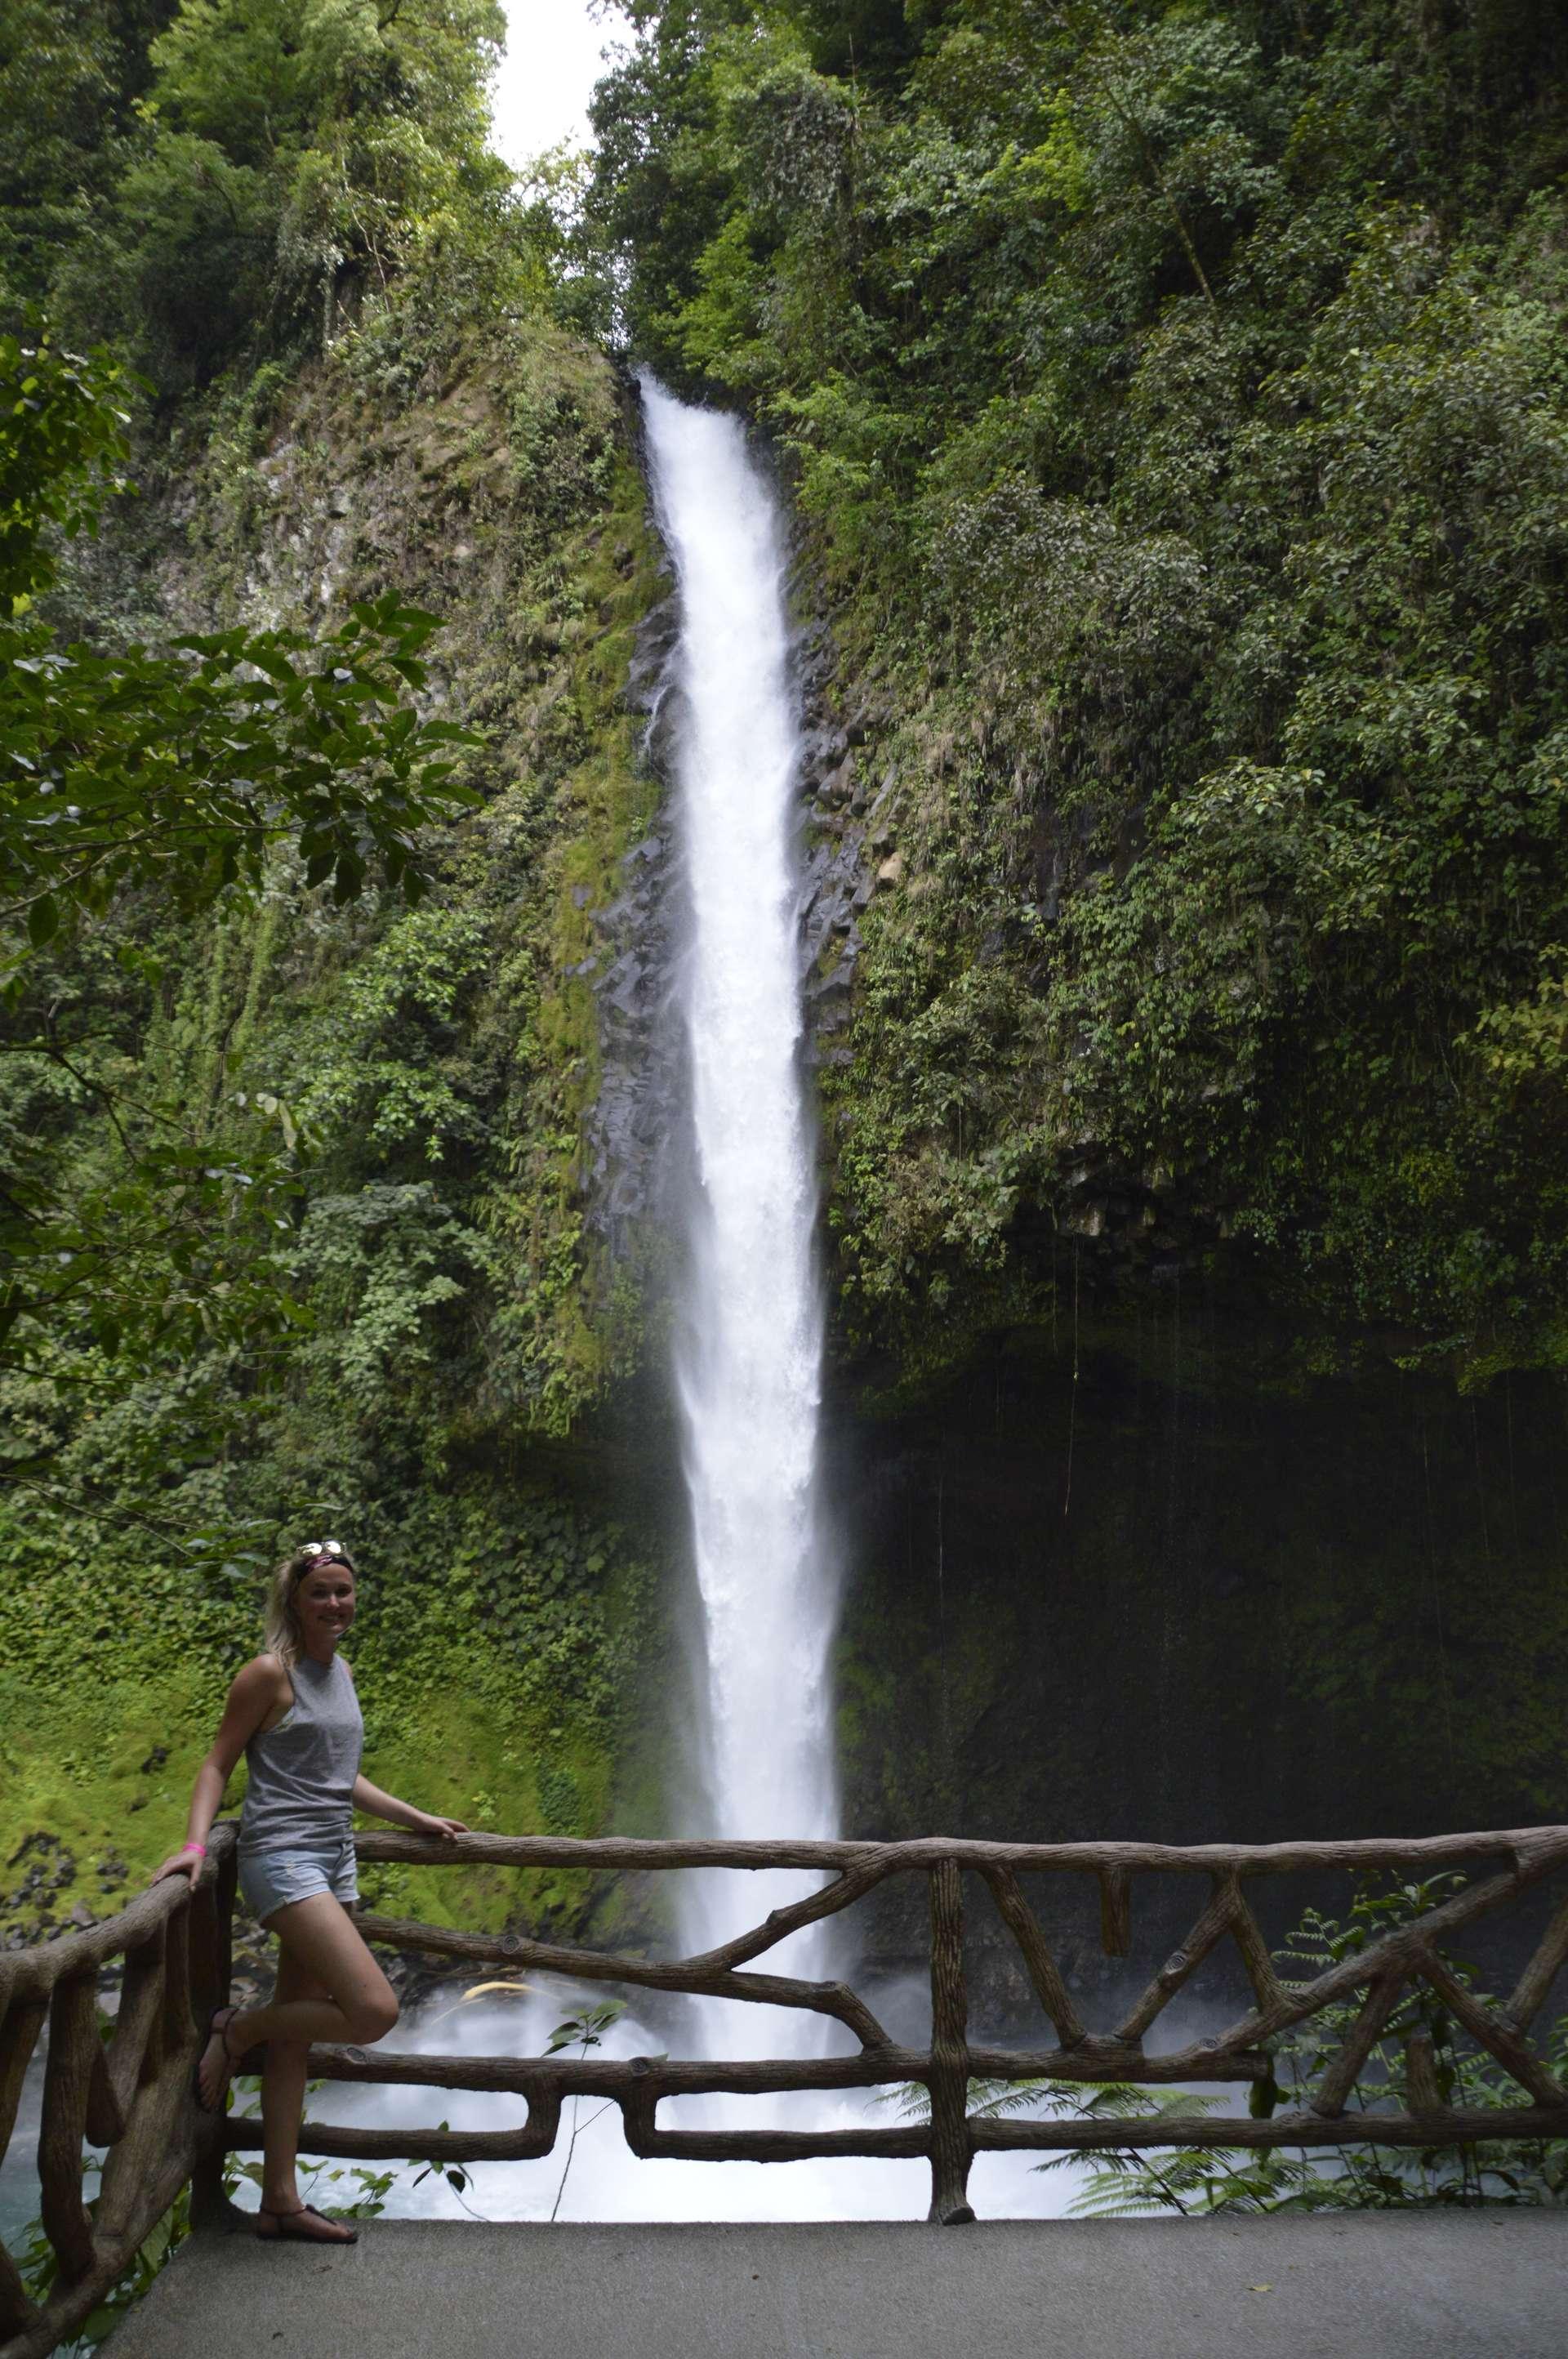 Costa Rica, Le Catarata de La Fortuna